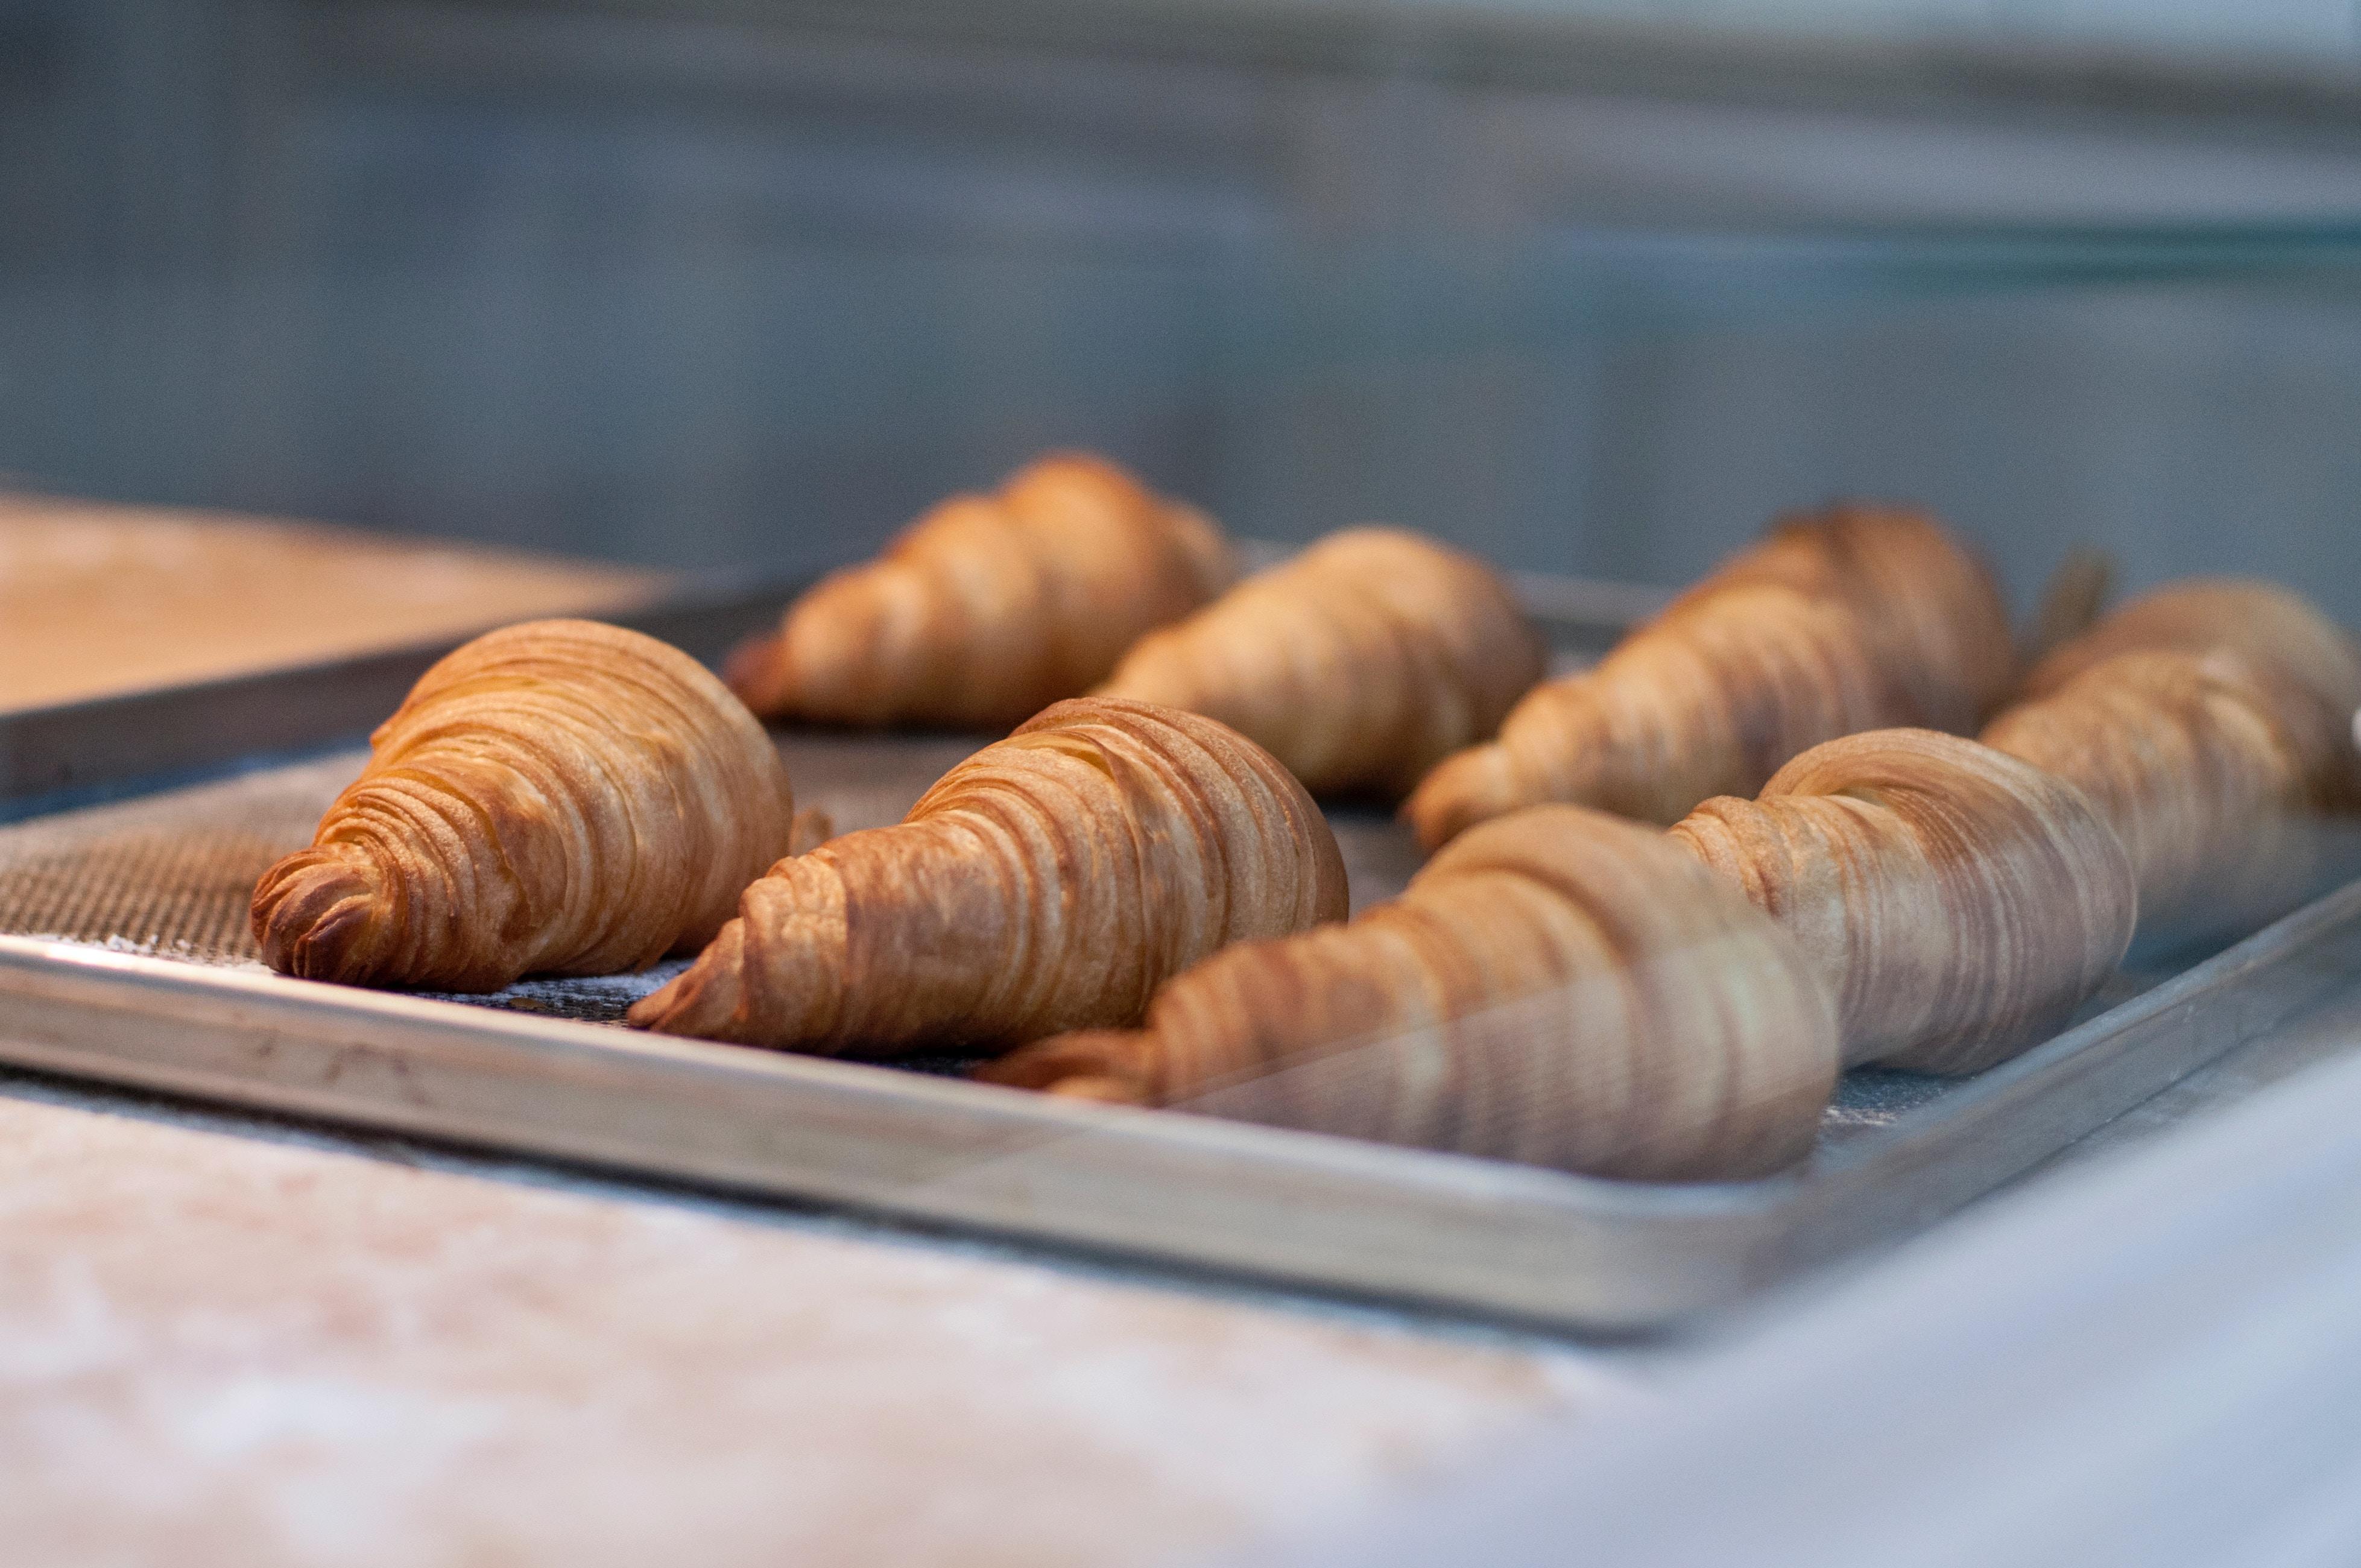 boulangerie-patisserie-croissants